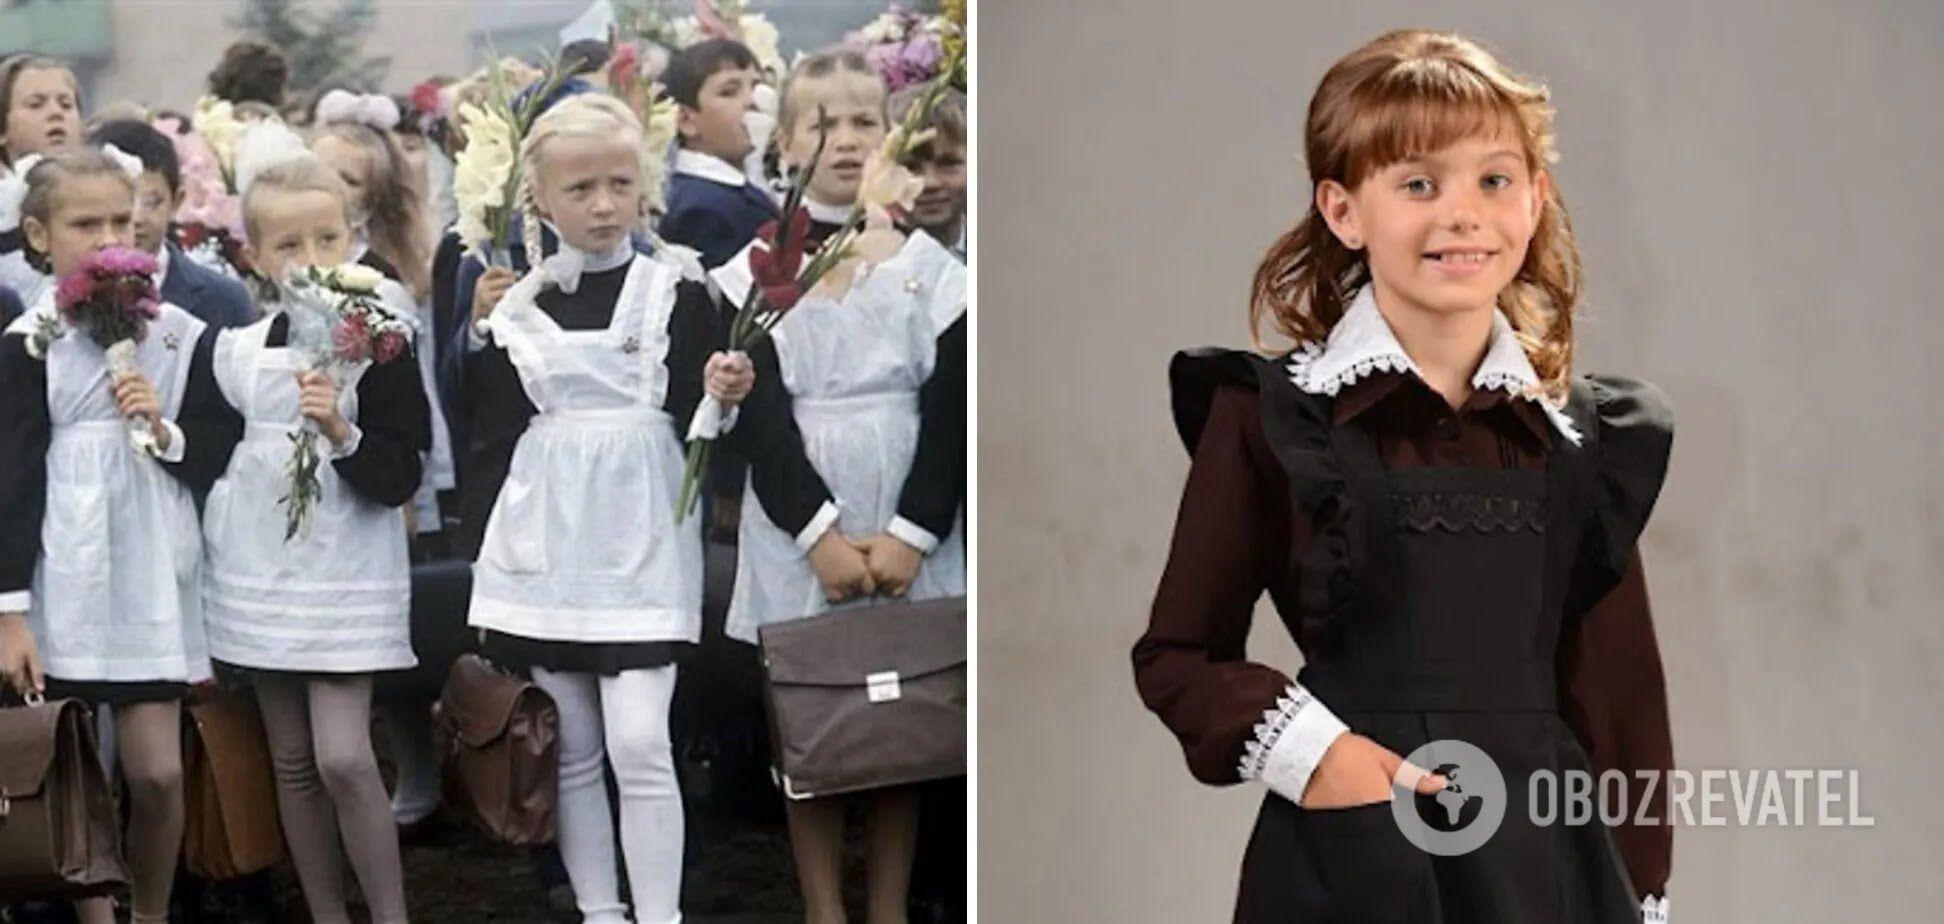 Все школьники в СССР были в одинаковых формах.